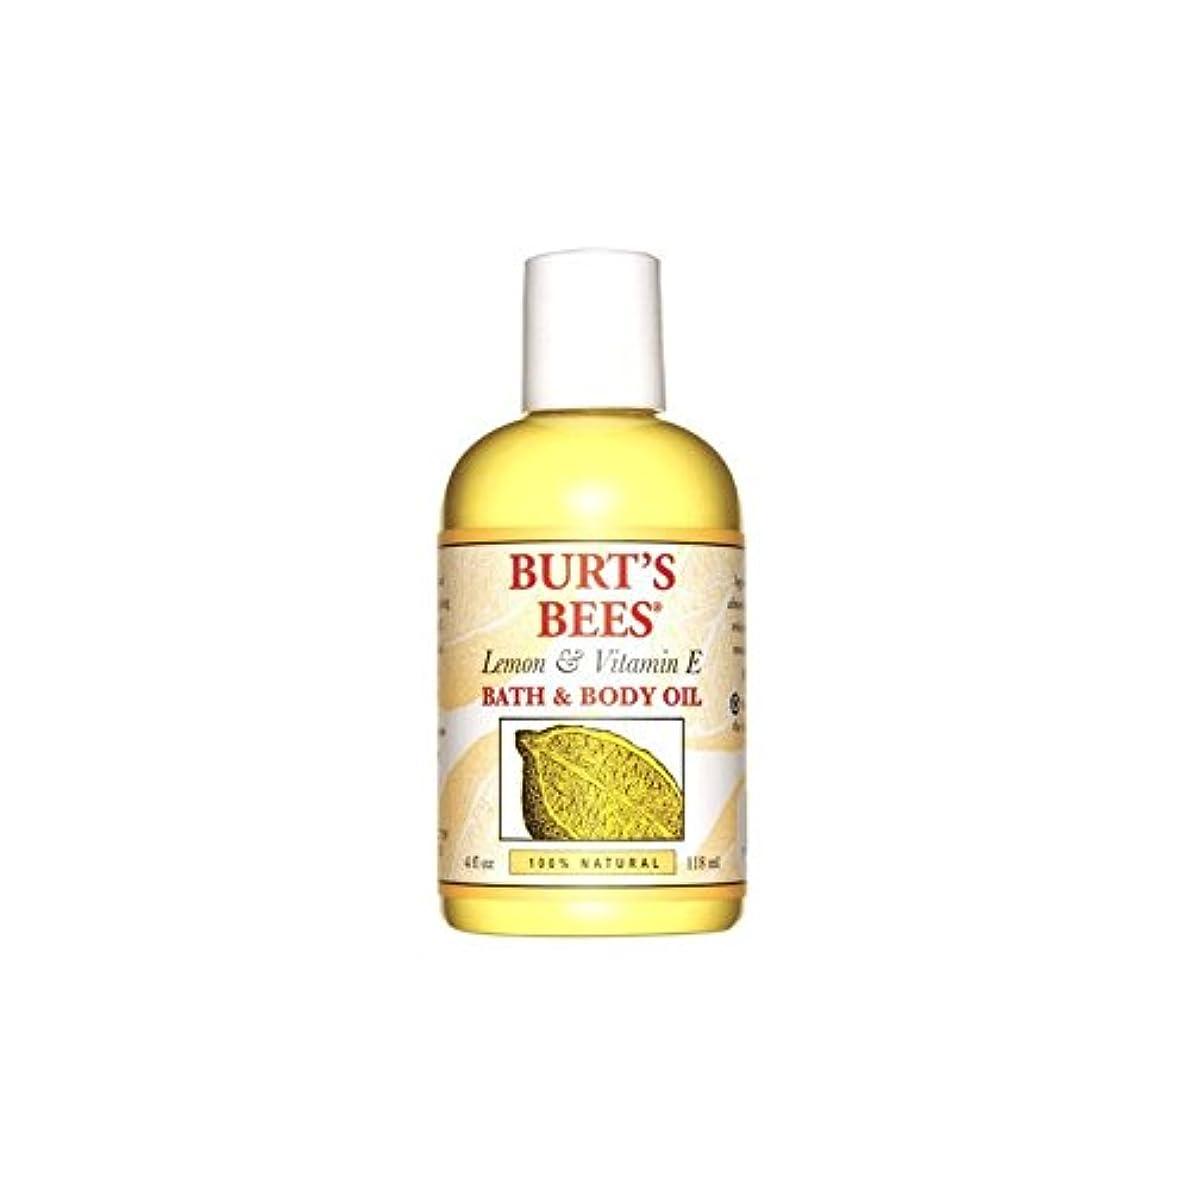 推進力ハンディ急降下バーツビーレモン&ビタミンバス&ボディオイル(4オンス/ 118ミリリットル) x4 - Burt's Bees Lemon & Vitamin E Bath & Body Oil (4 fl oz / 118ml) (Pack of 4) [並行輸入品]